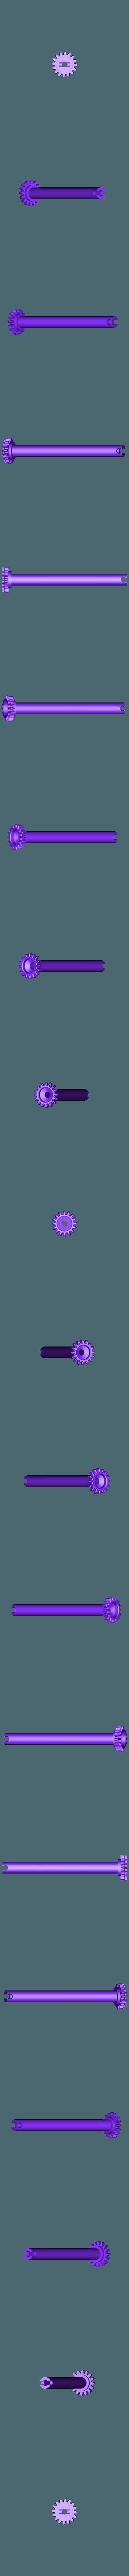 Mercury_Gear.stl Télécharger fichier STL gratuit Système solaire intérieur • Objet pour imprimante 3D, Richard90